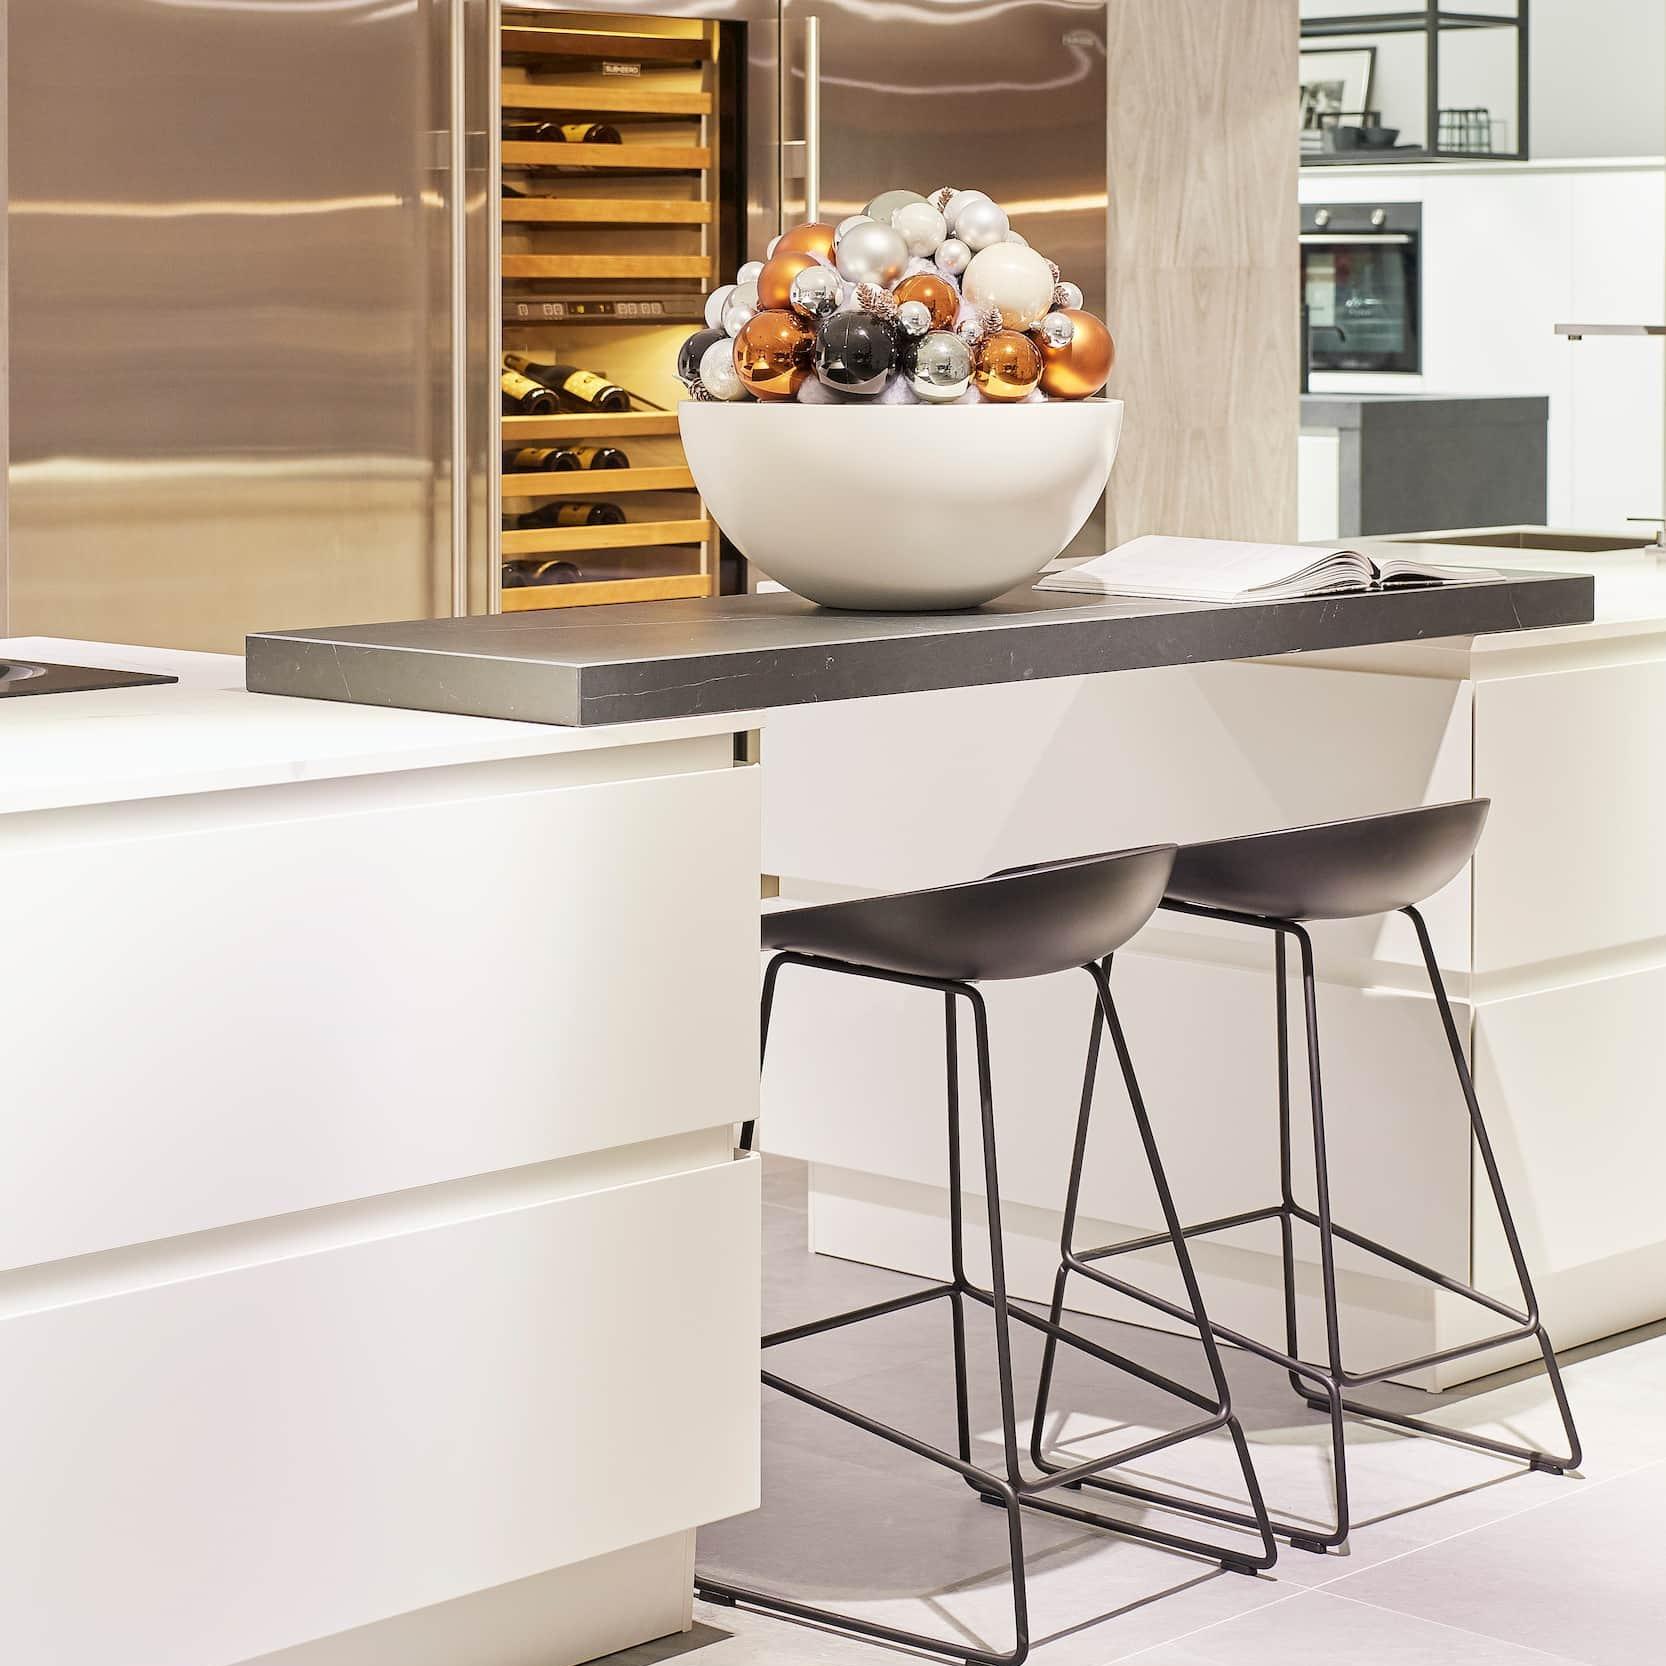 Witte keuken met bar